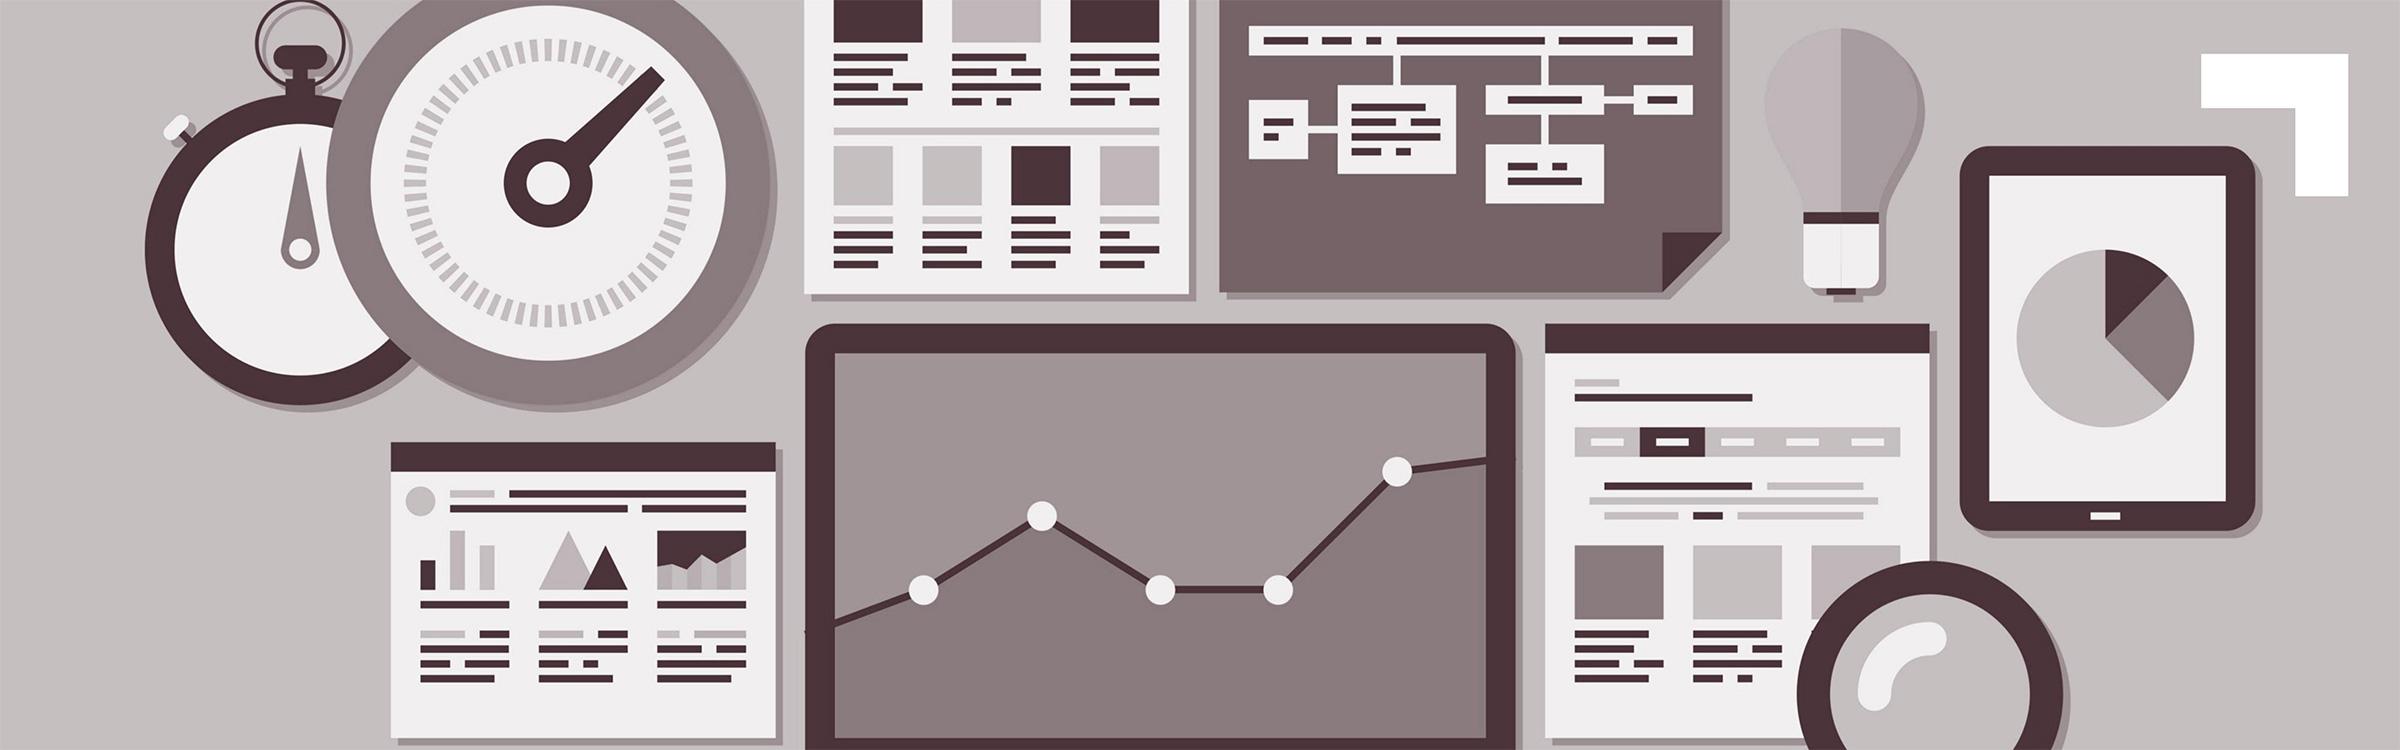 Marketing Attribution Model